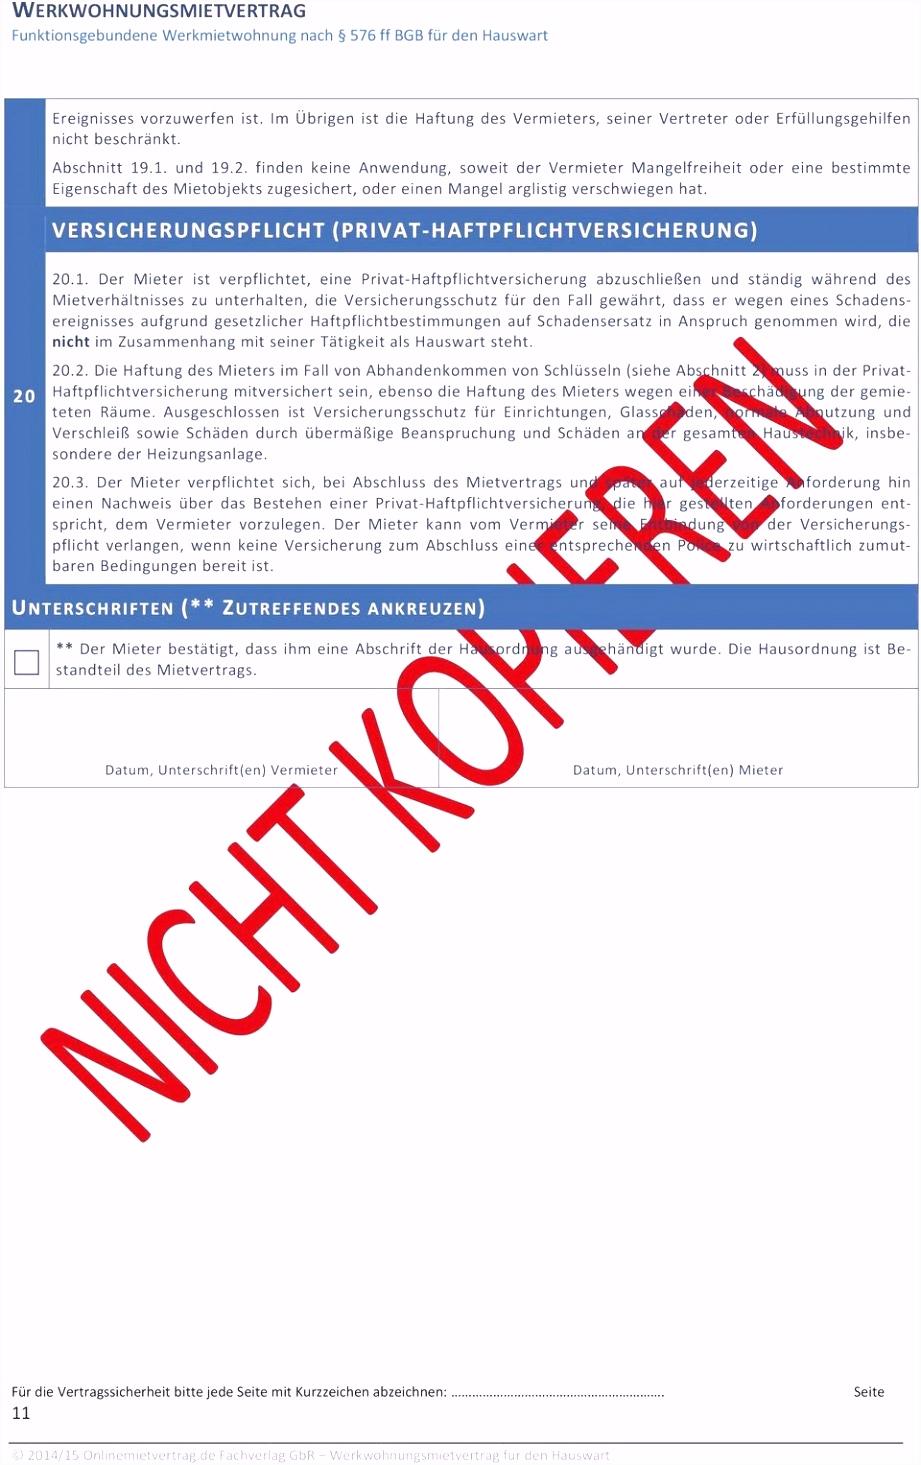 Vorlage Kundigung Bei Renteneintritt Mit 63 Inspirierende Muster Aufhebungsvertrag Wegen Rente Mit 63 V6zn42clt4 T6bbv5tsj6